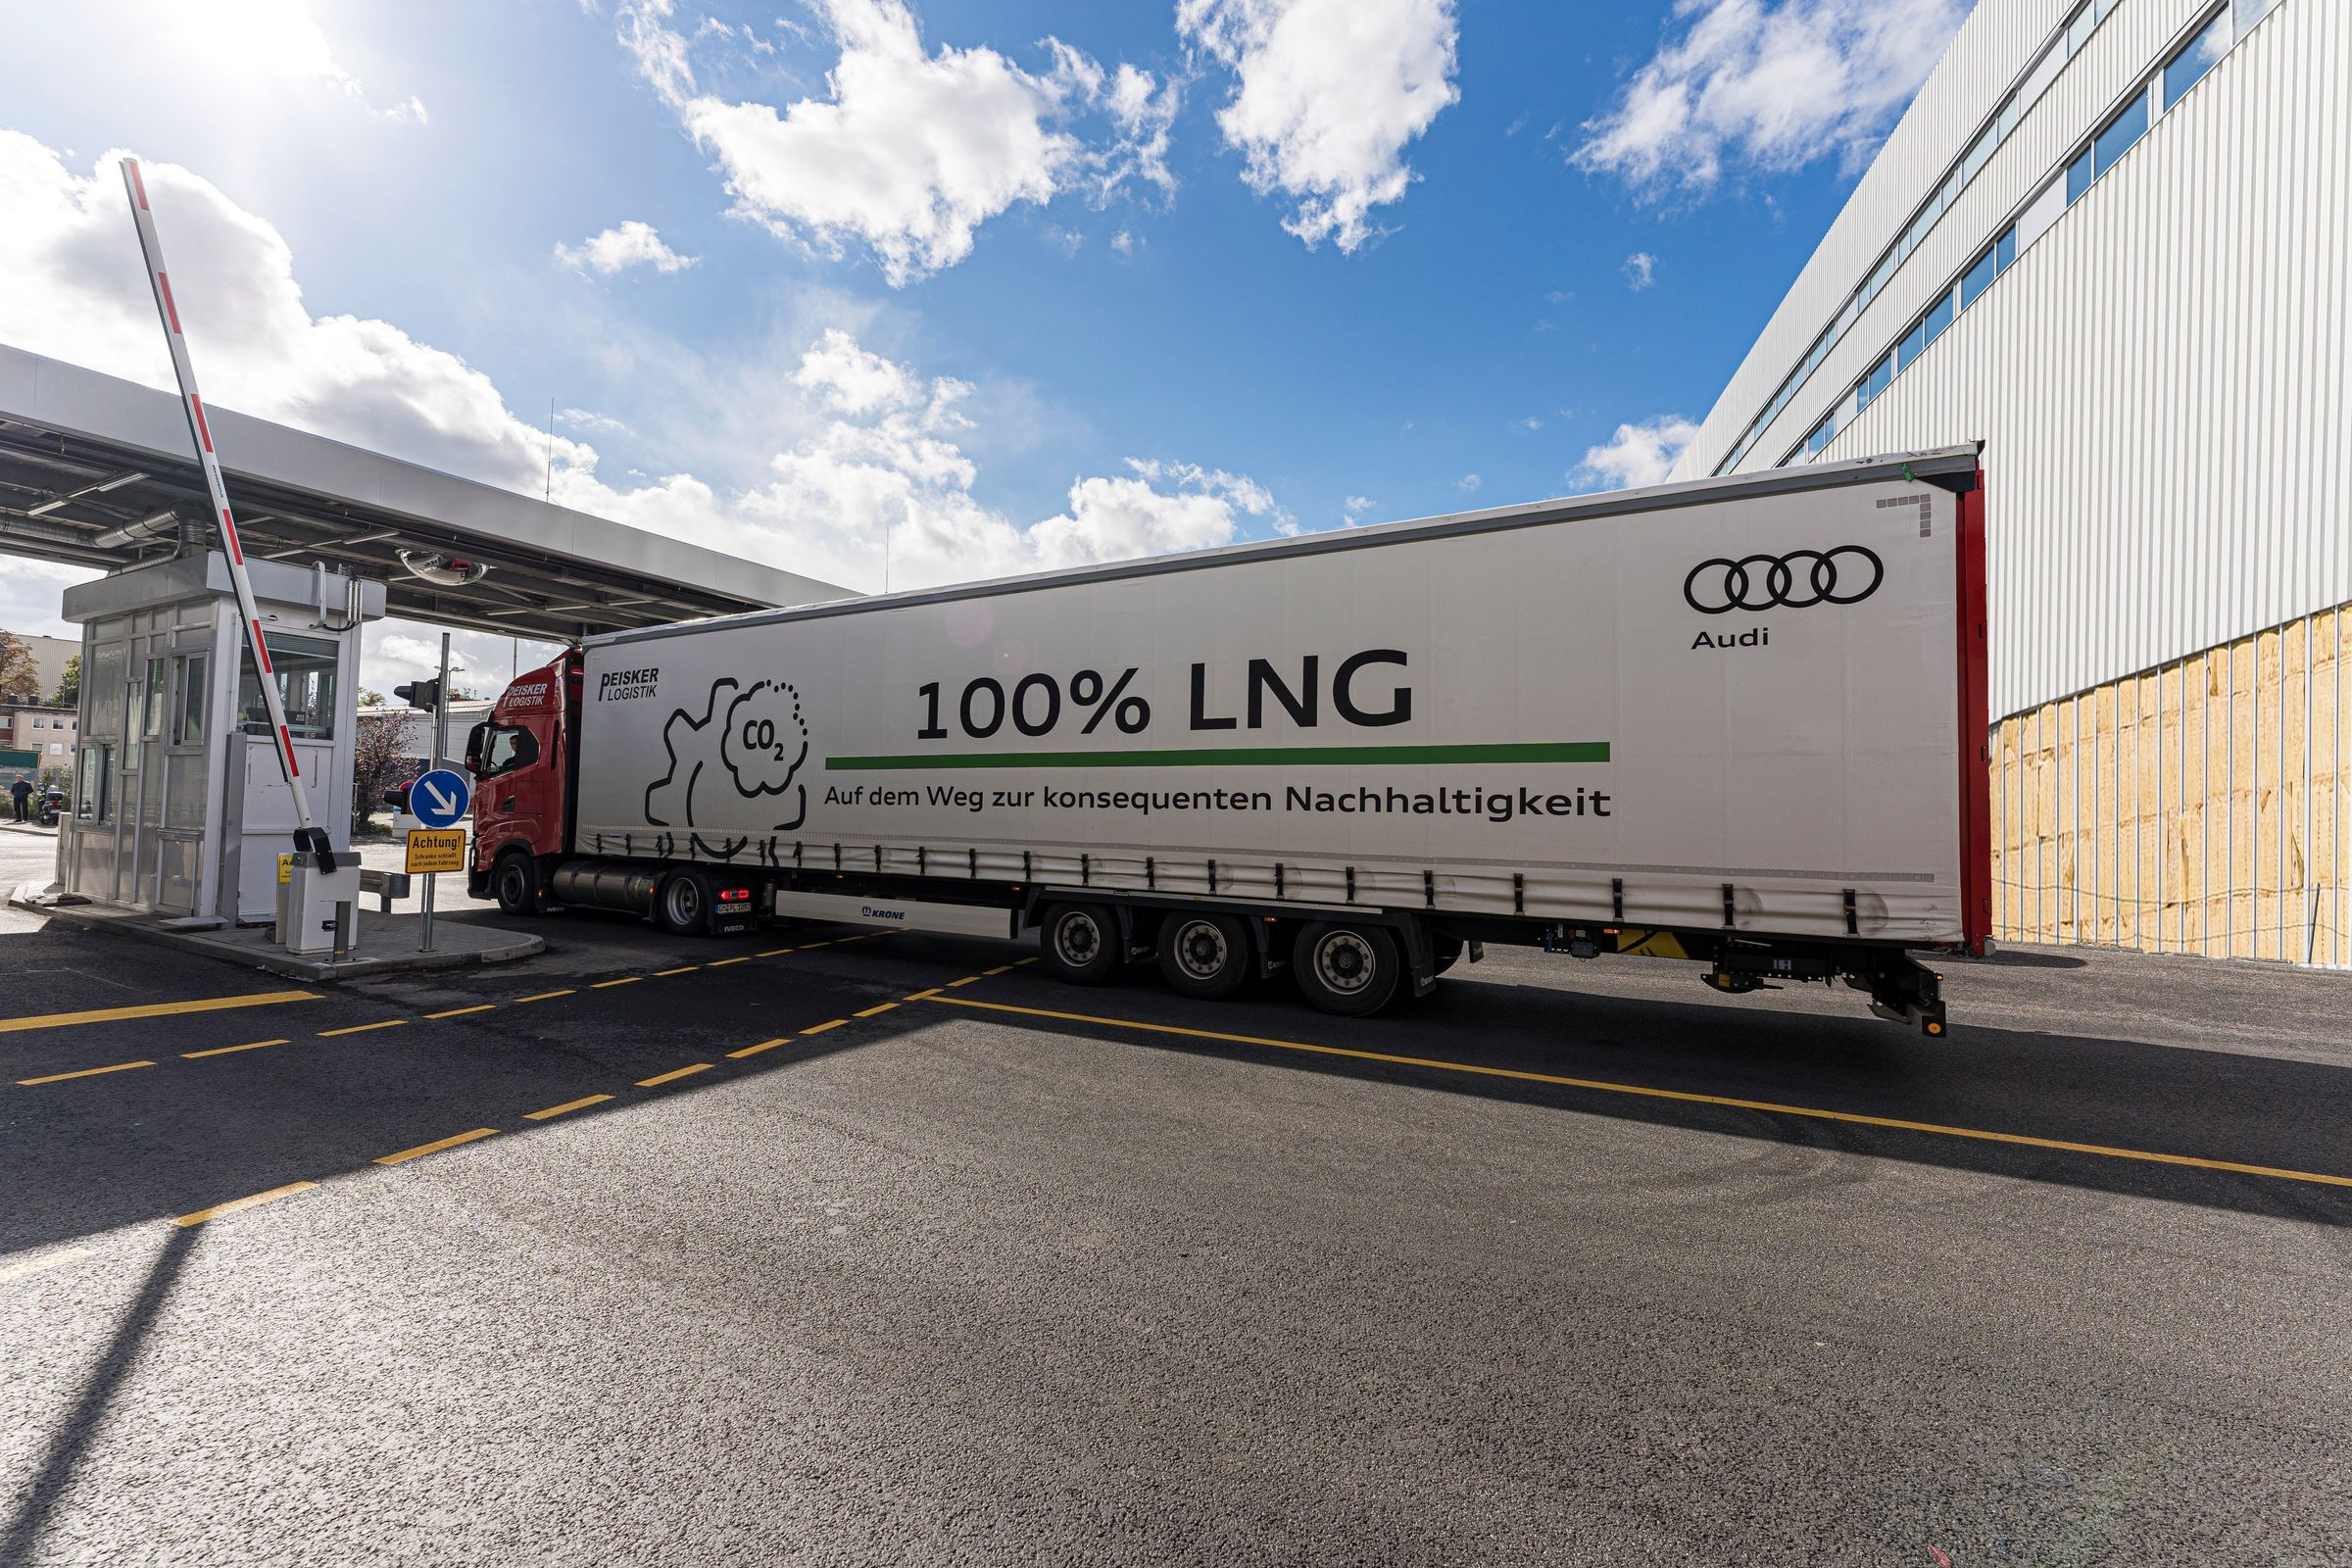 Audi-Standort Neckarsulm treibt nachhaltige Logistik weiter voran